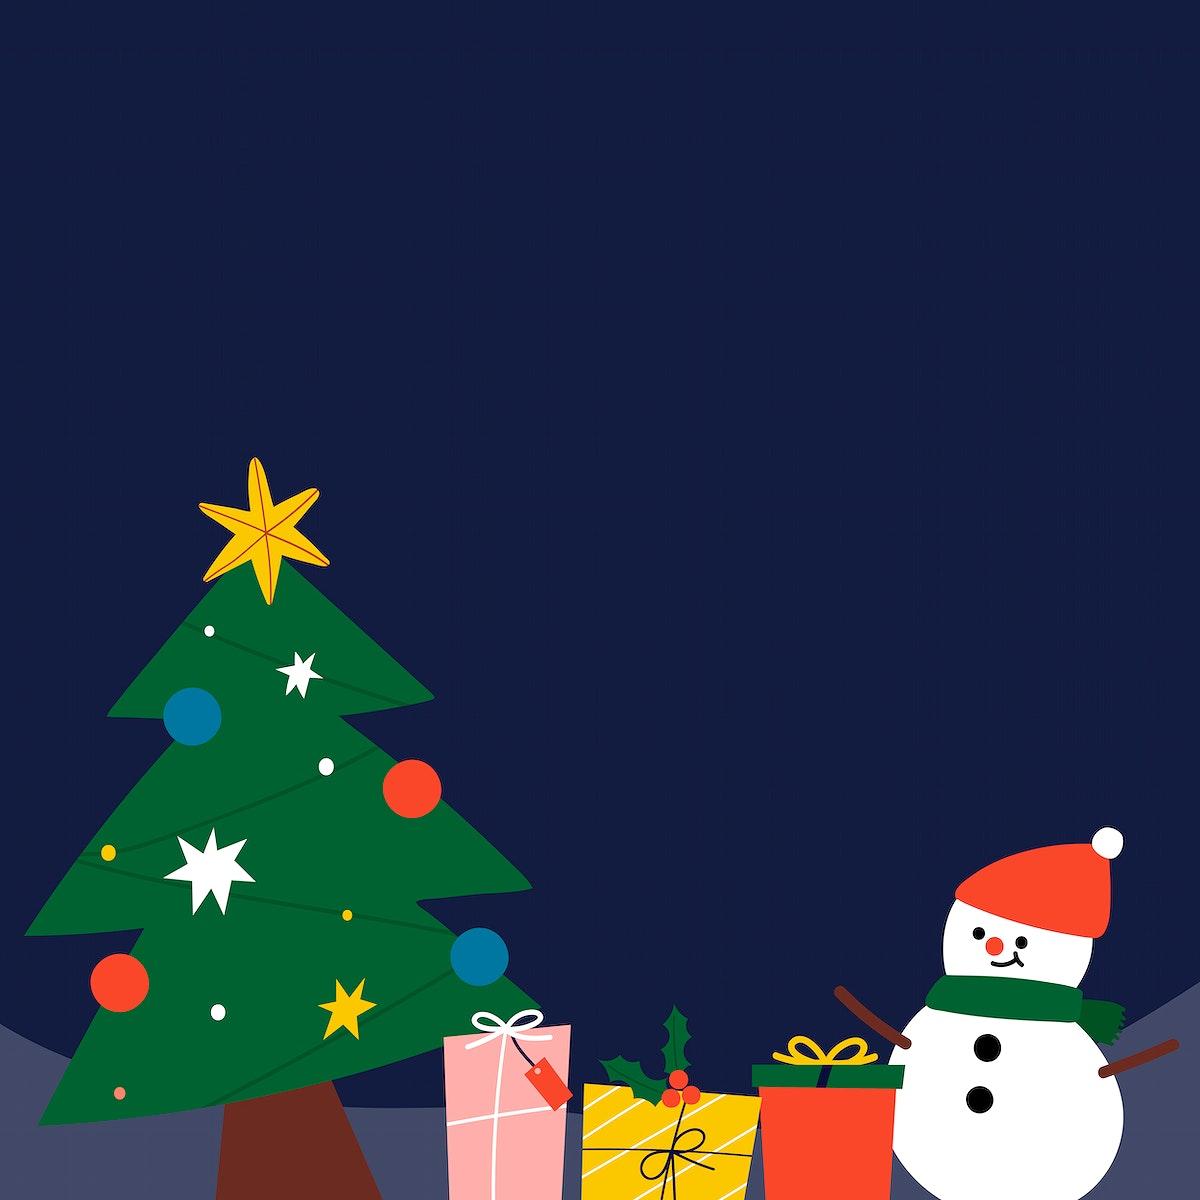 Festive Christmas snowman social ads template vector